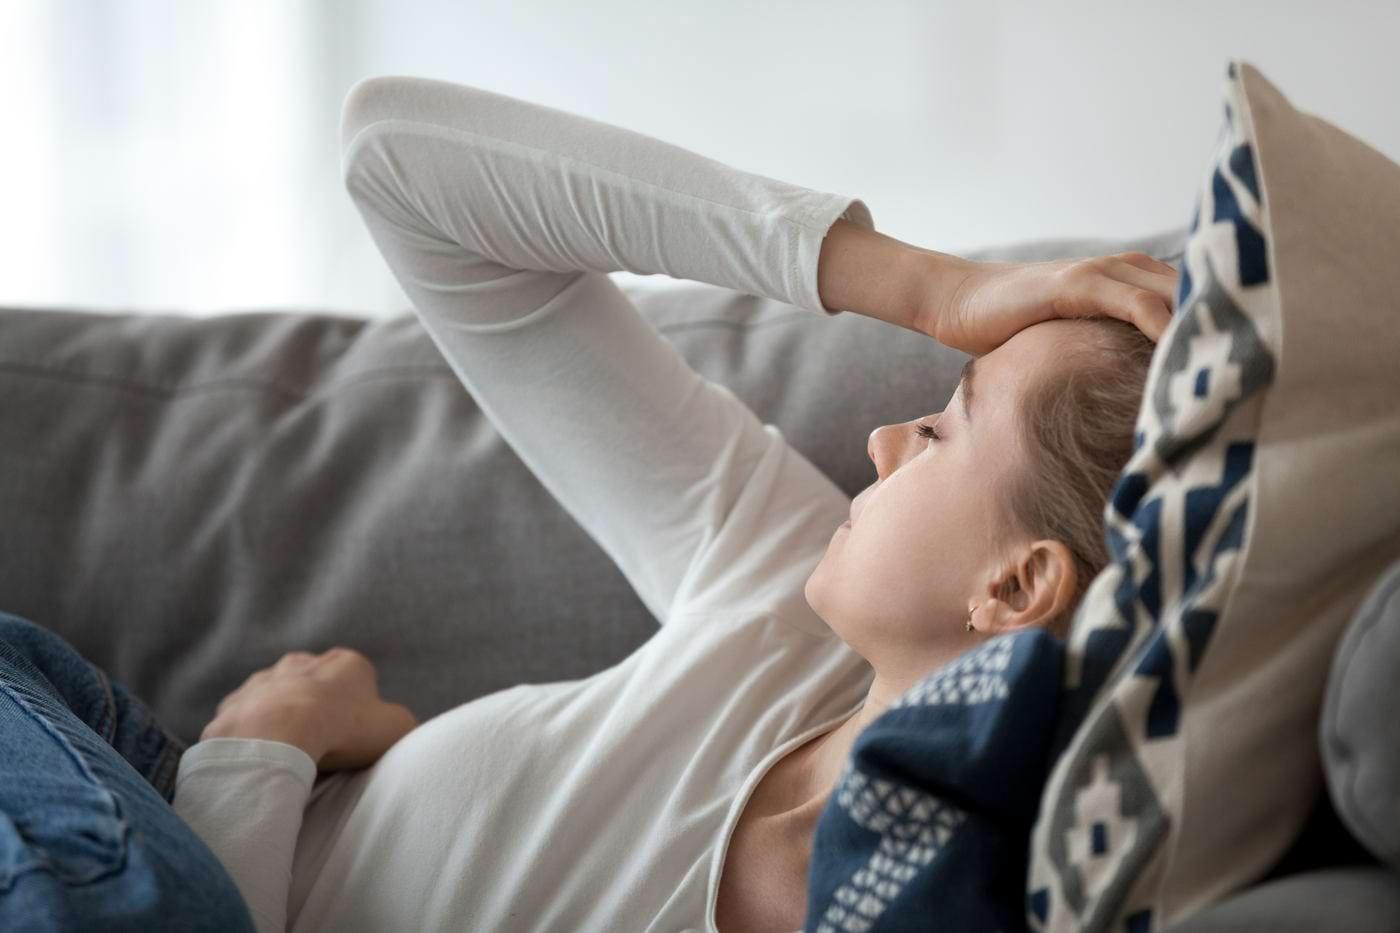 Dieta bogată în carbohidrați rafinați poate duce la insomnie? [studiu]